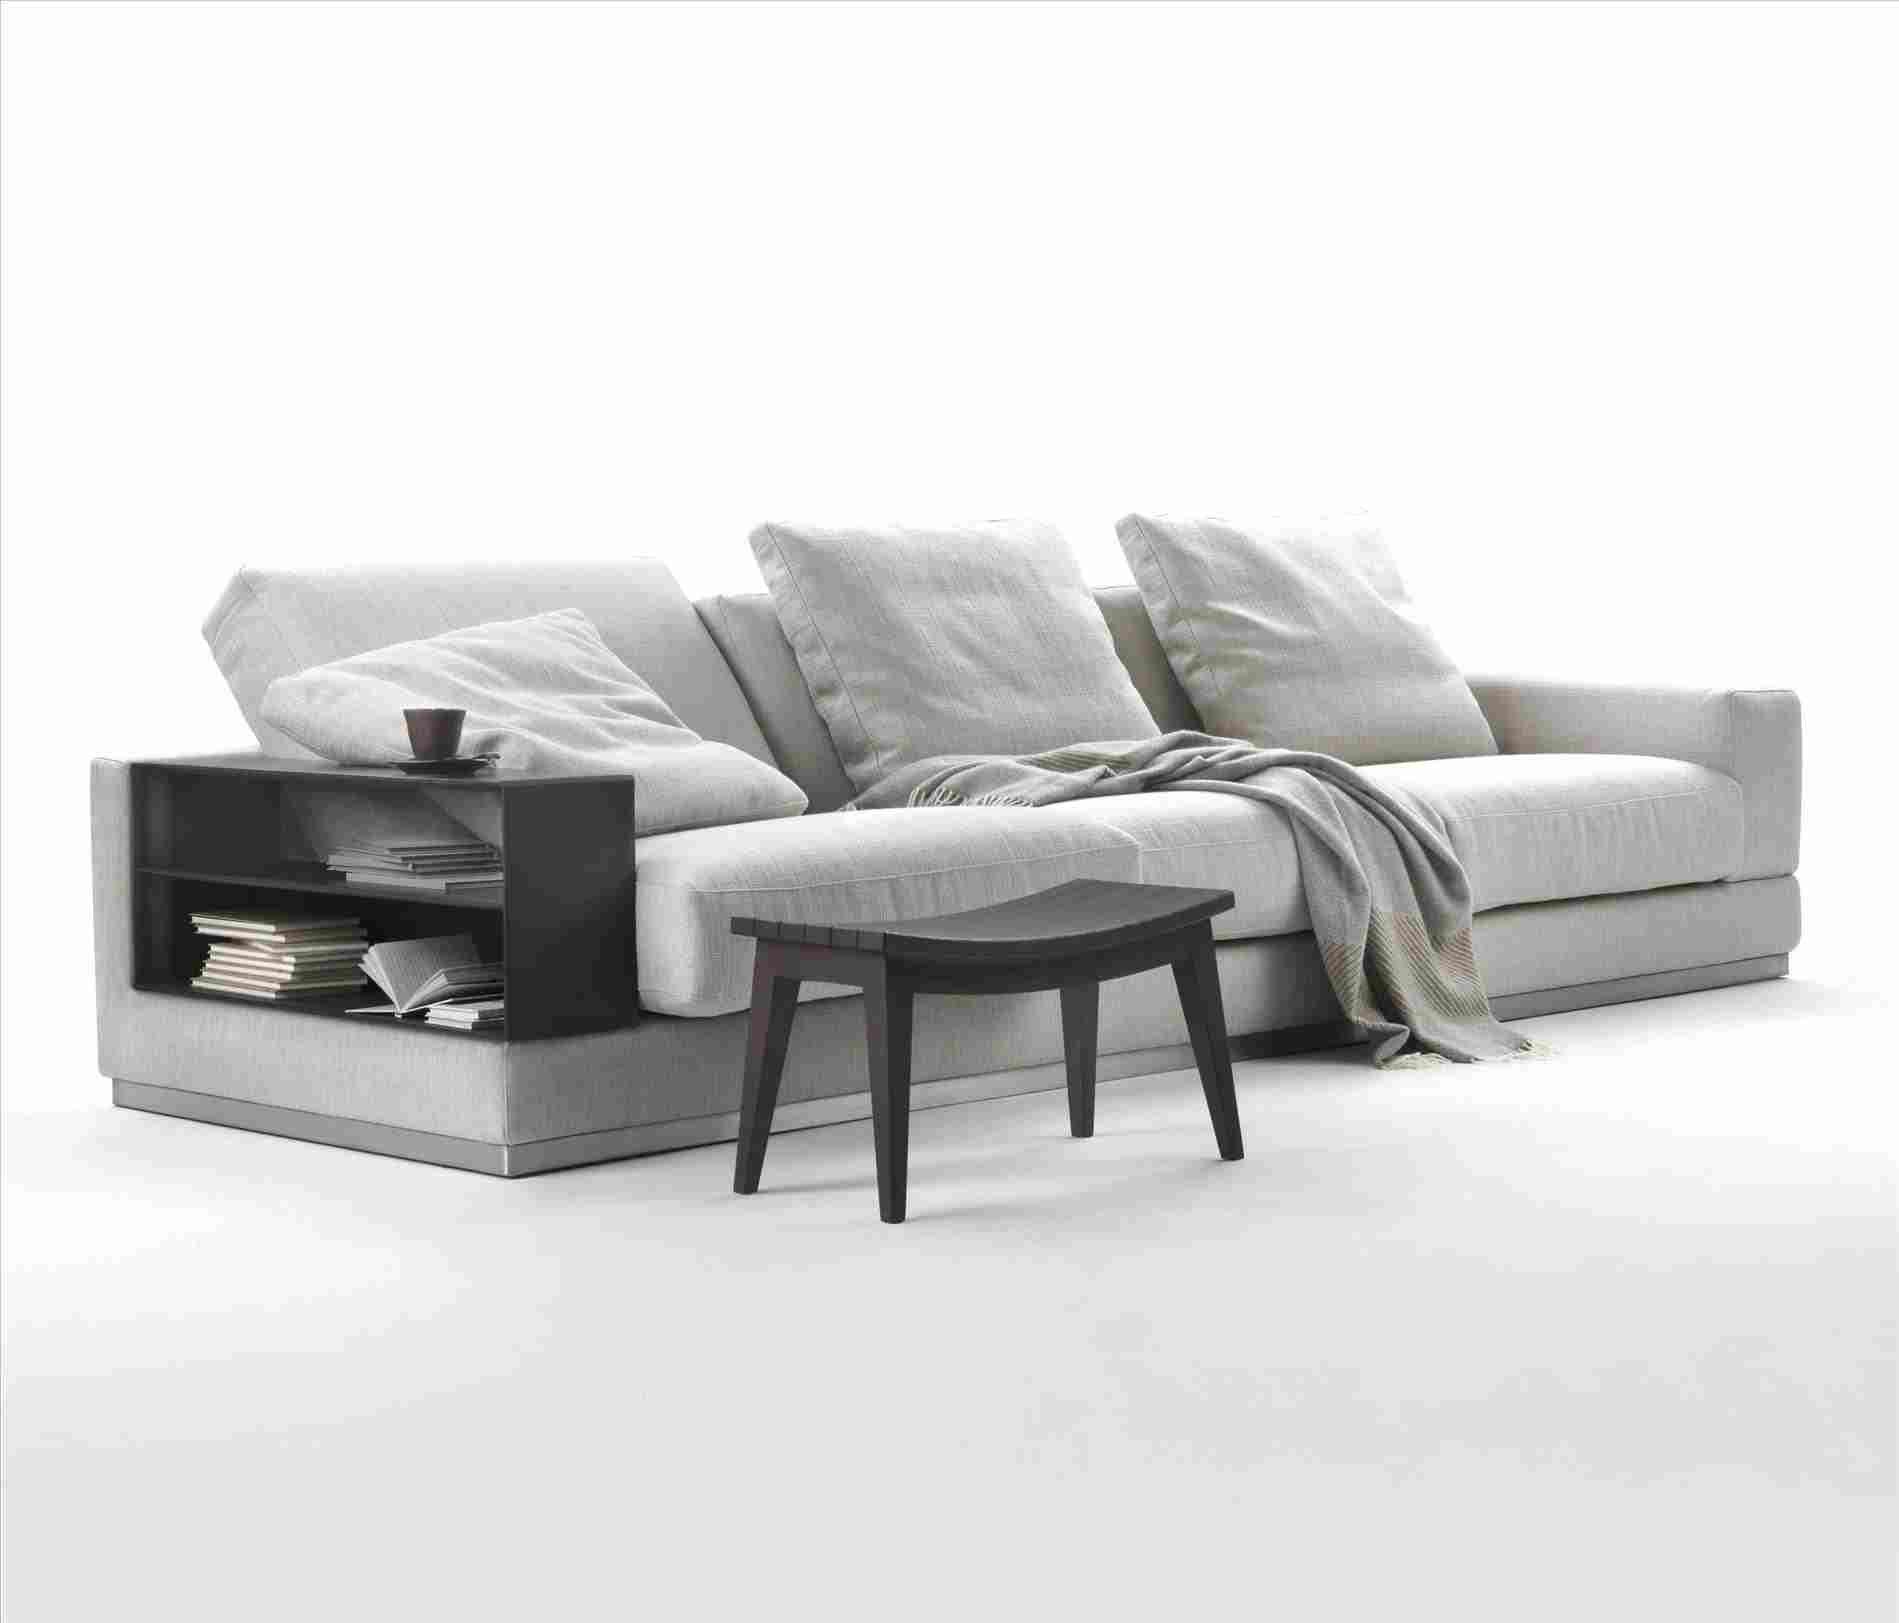 sectional sofas kijiji london  sectional sofa sofas room